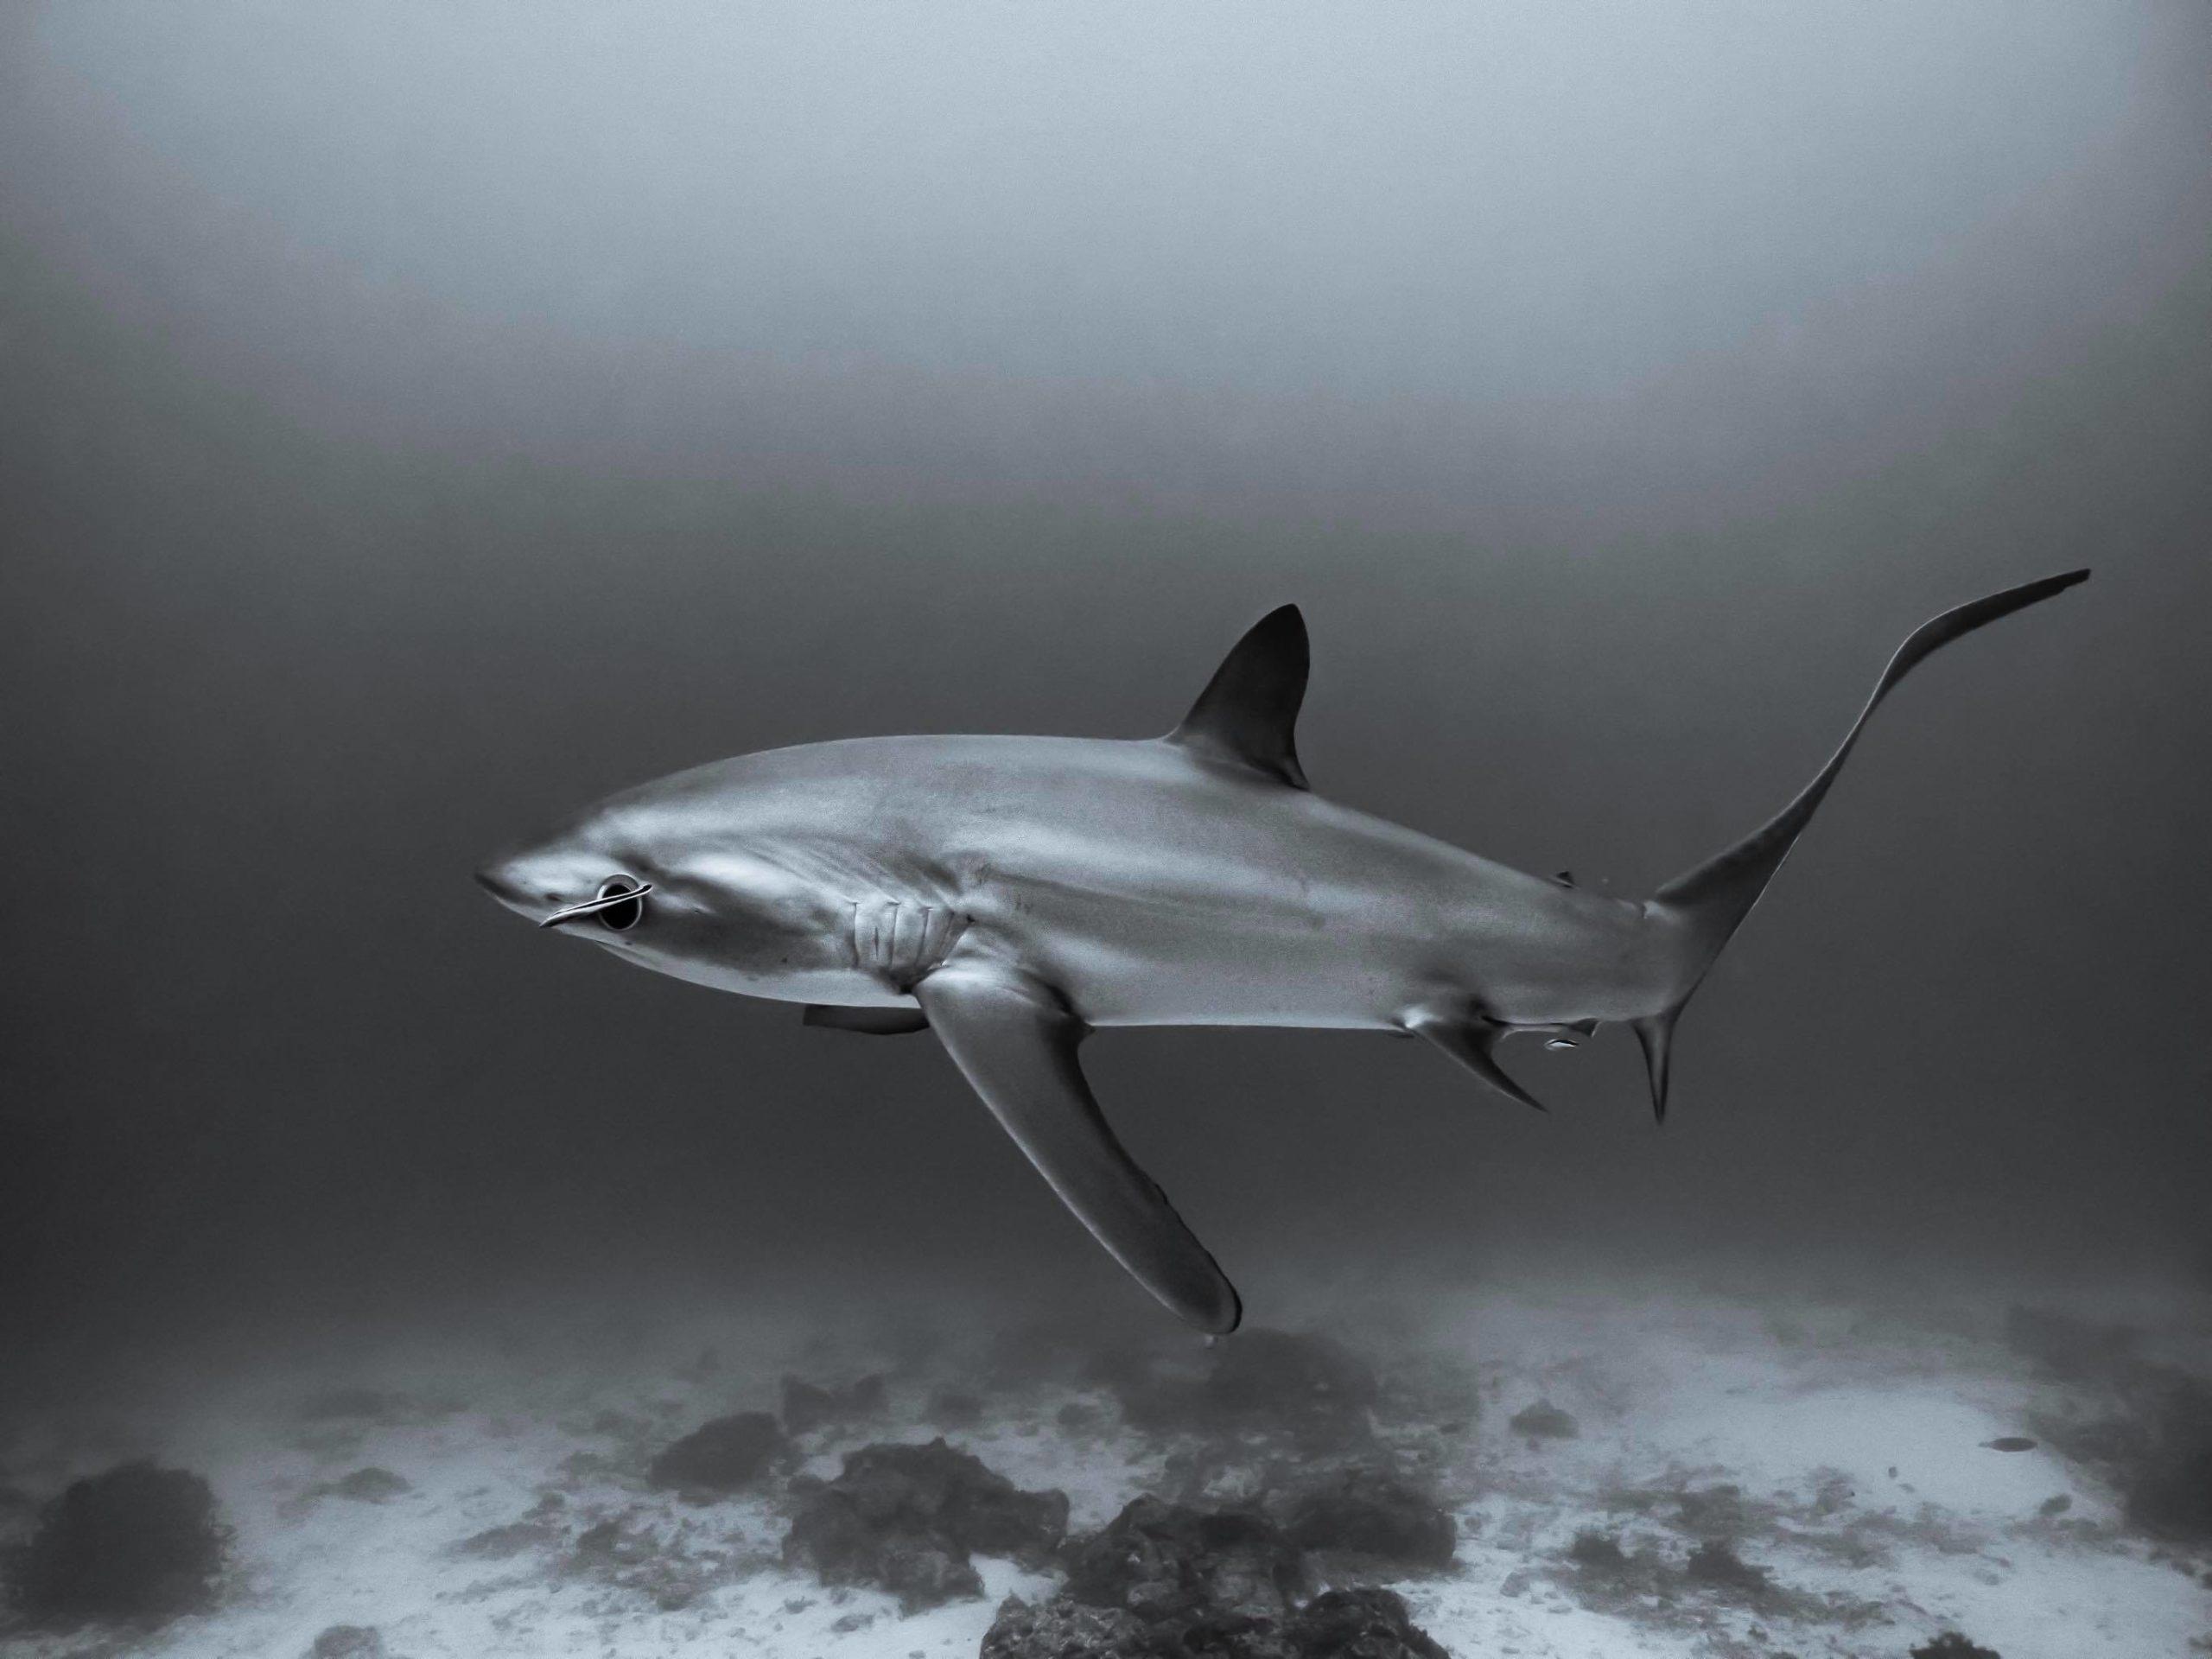 Les requins sont ils si dangereux pour l'homme ?